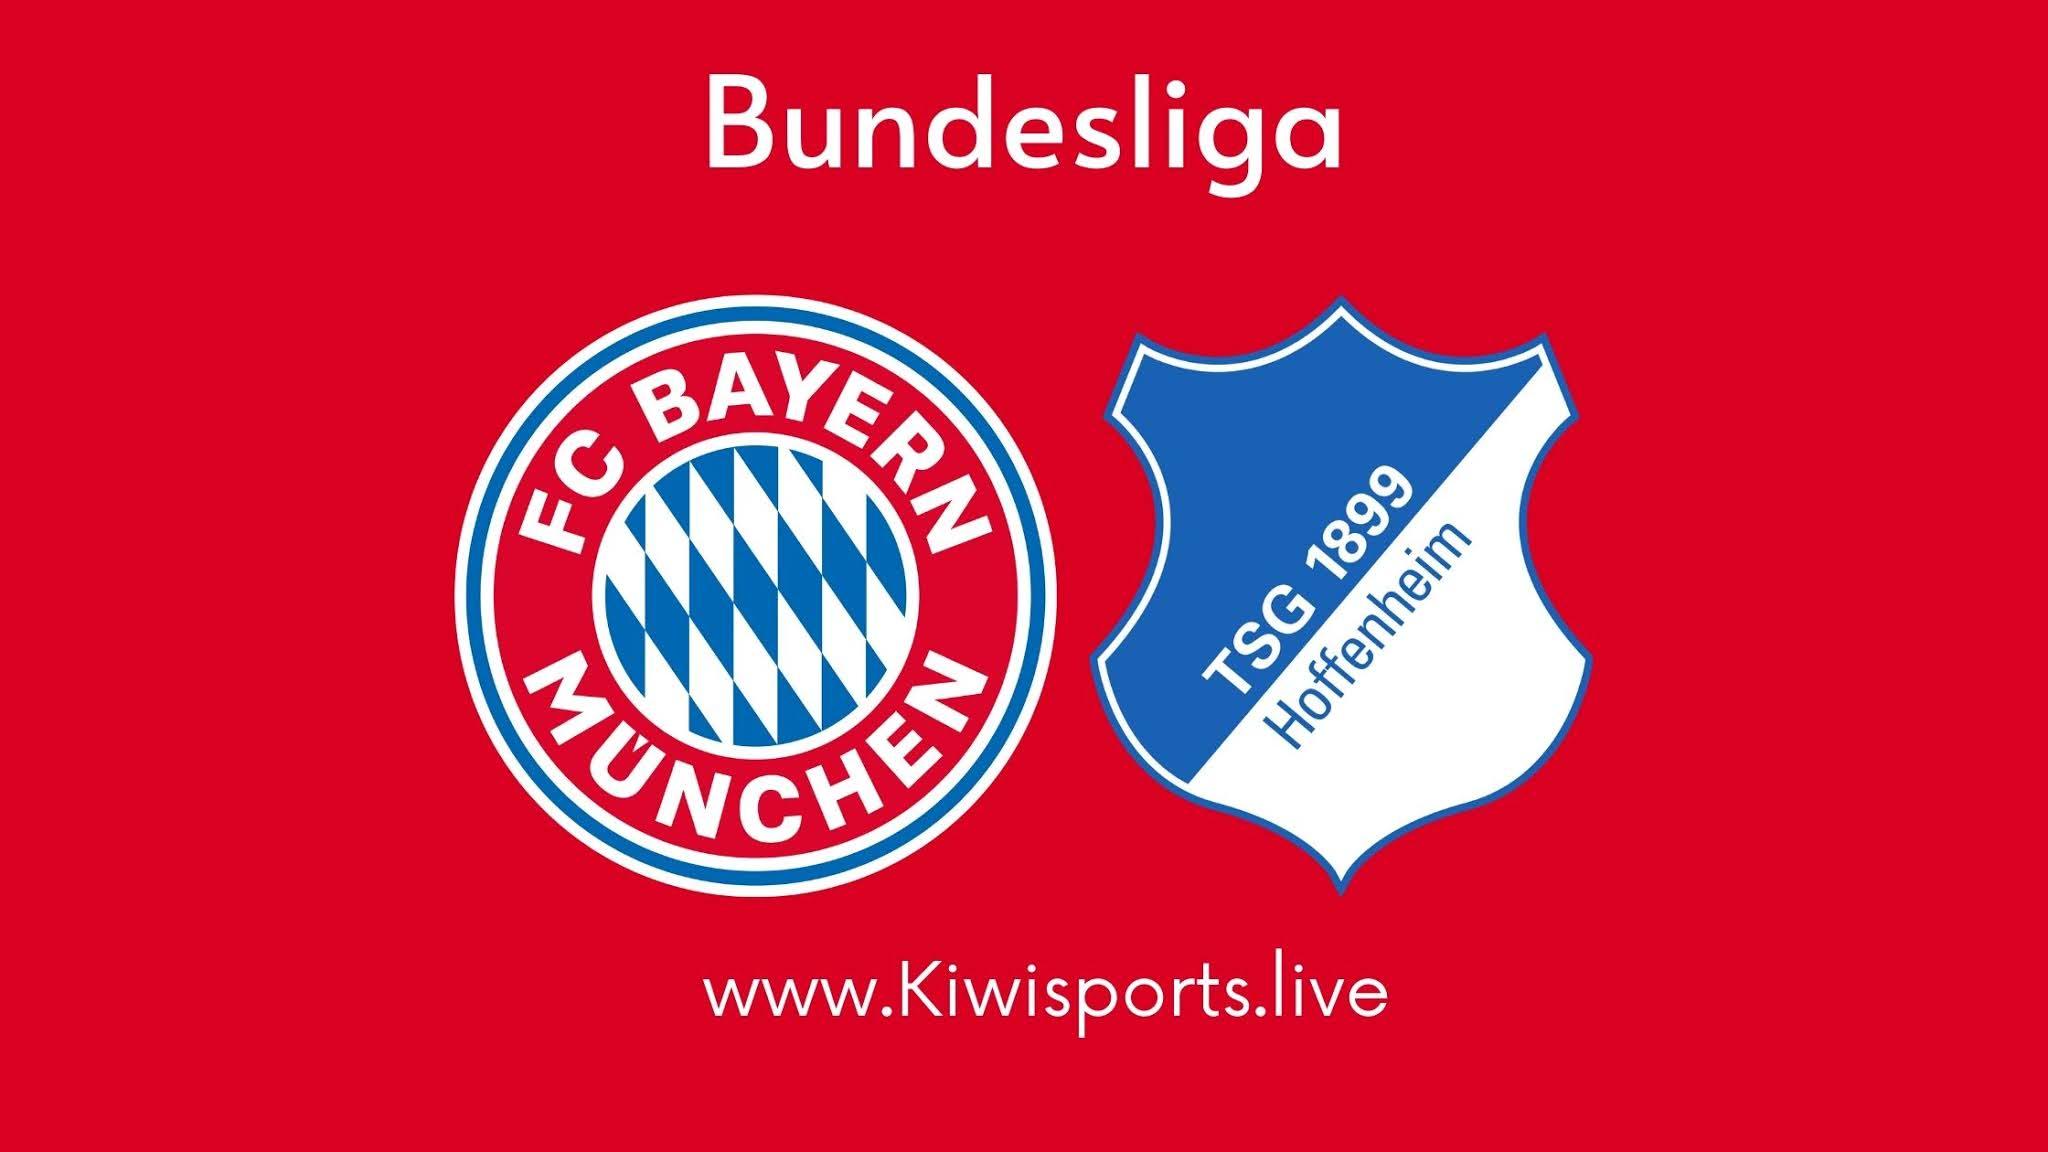 Bayern Munich vs Hoffenheim live stream